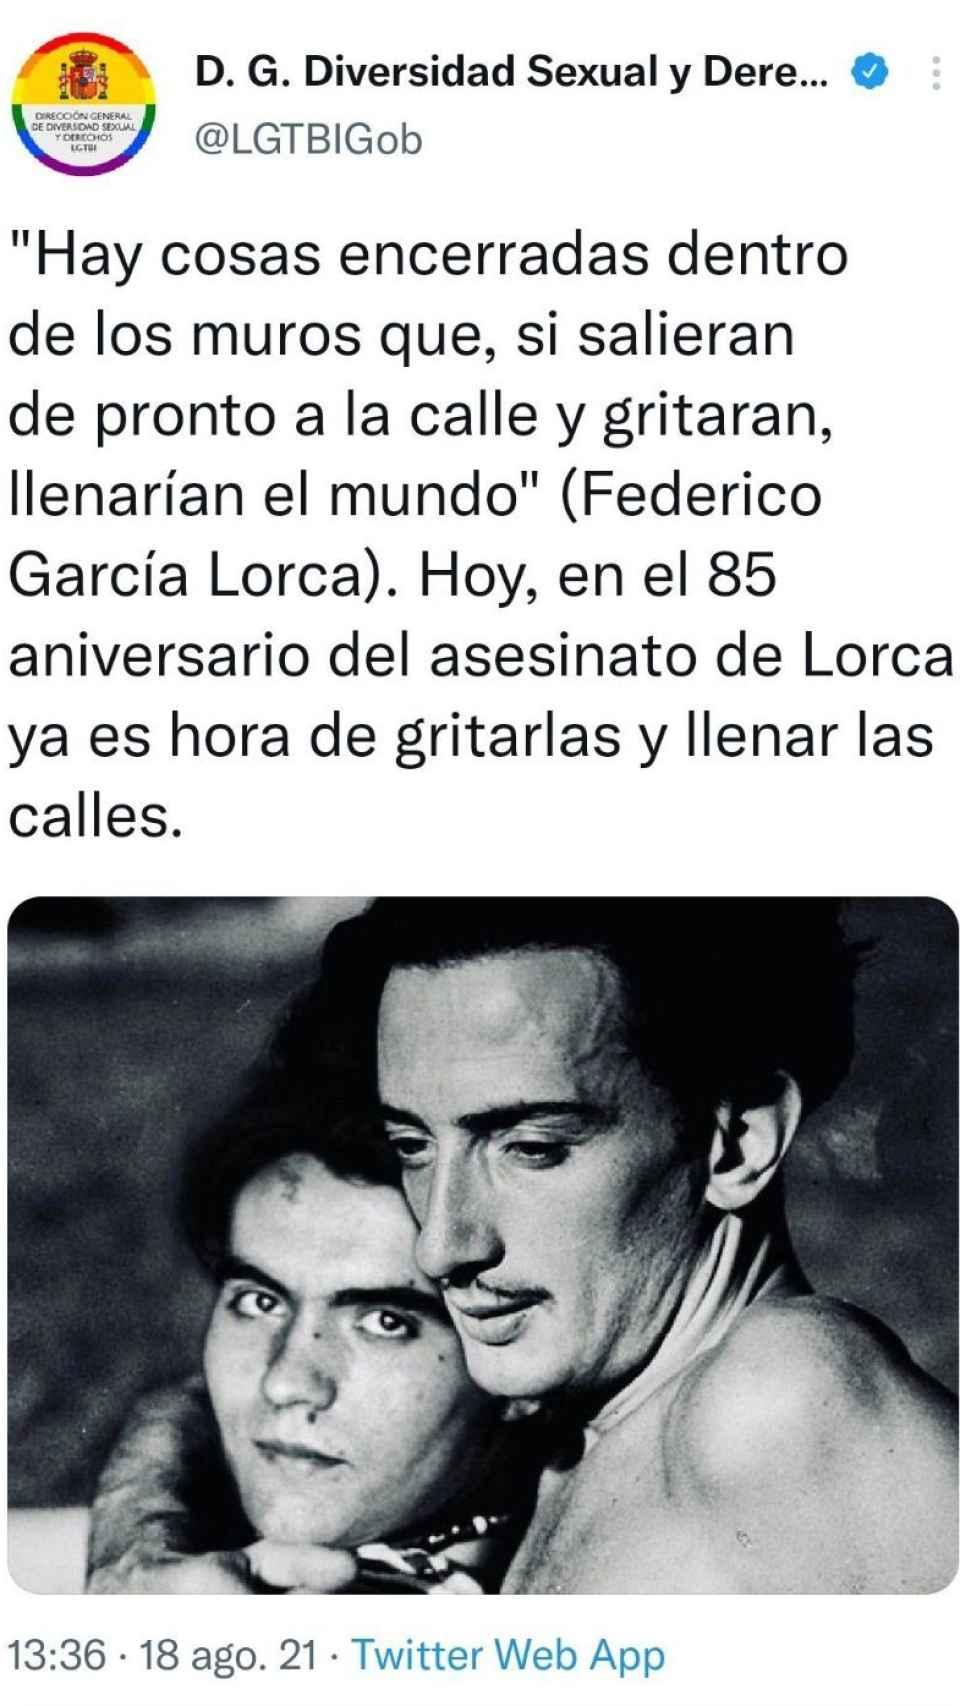 Tweet con la imagen manipulada de Gala y Dalí.